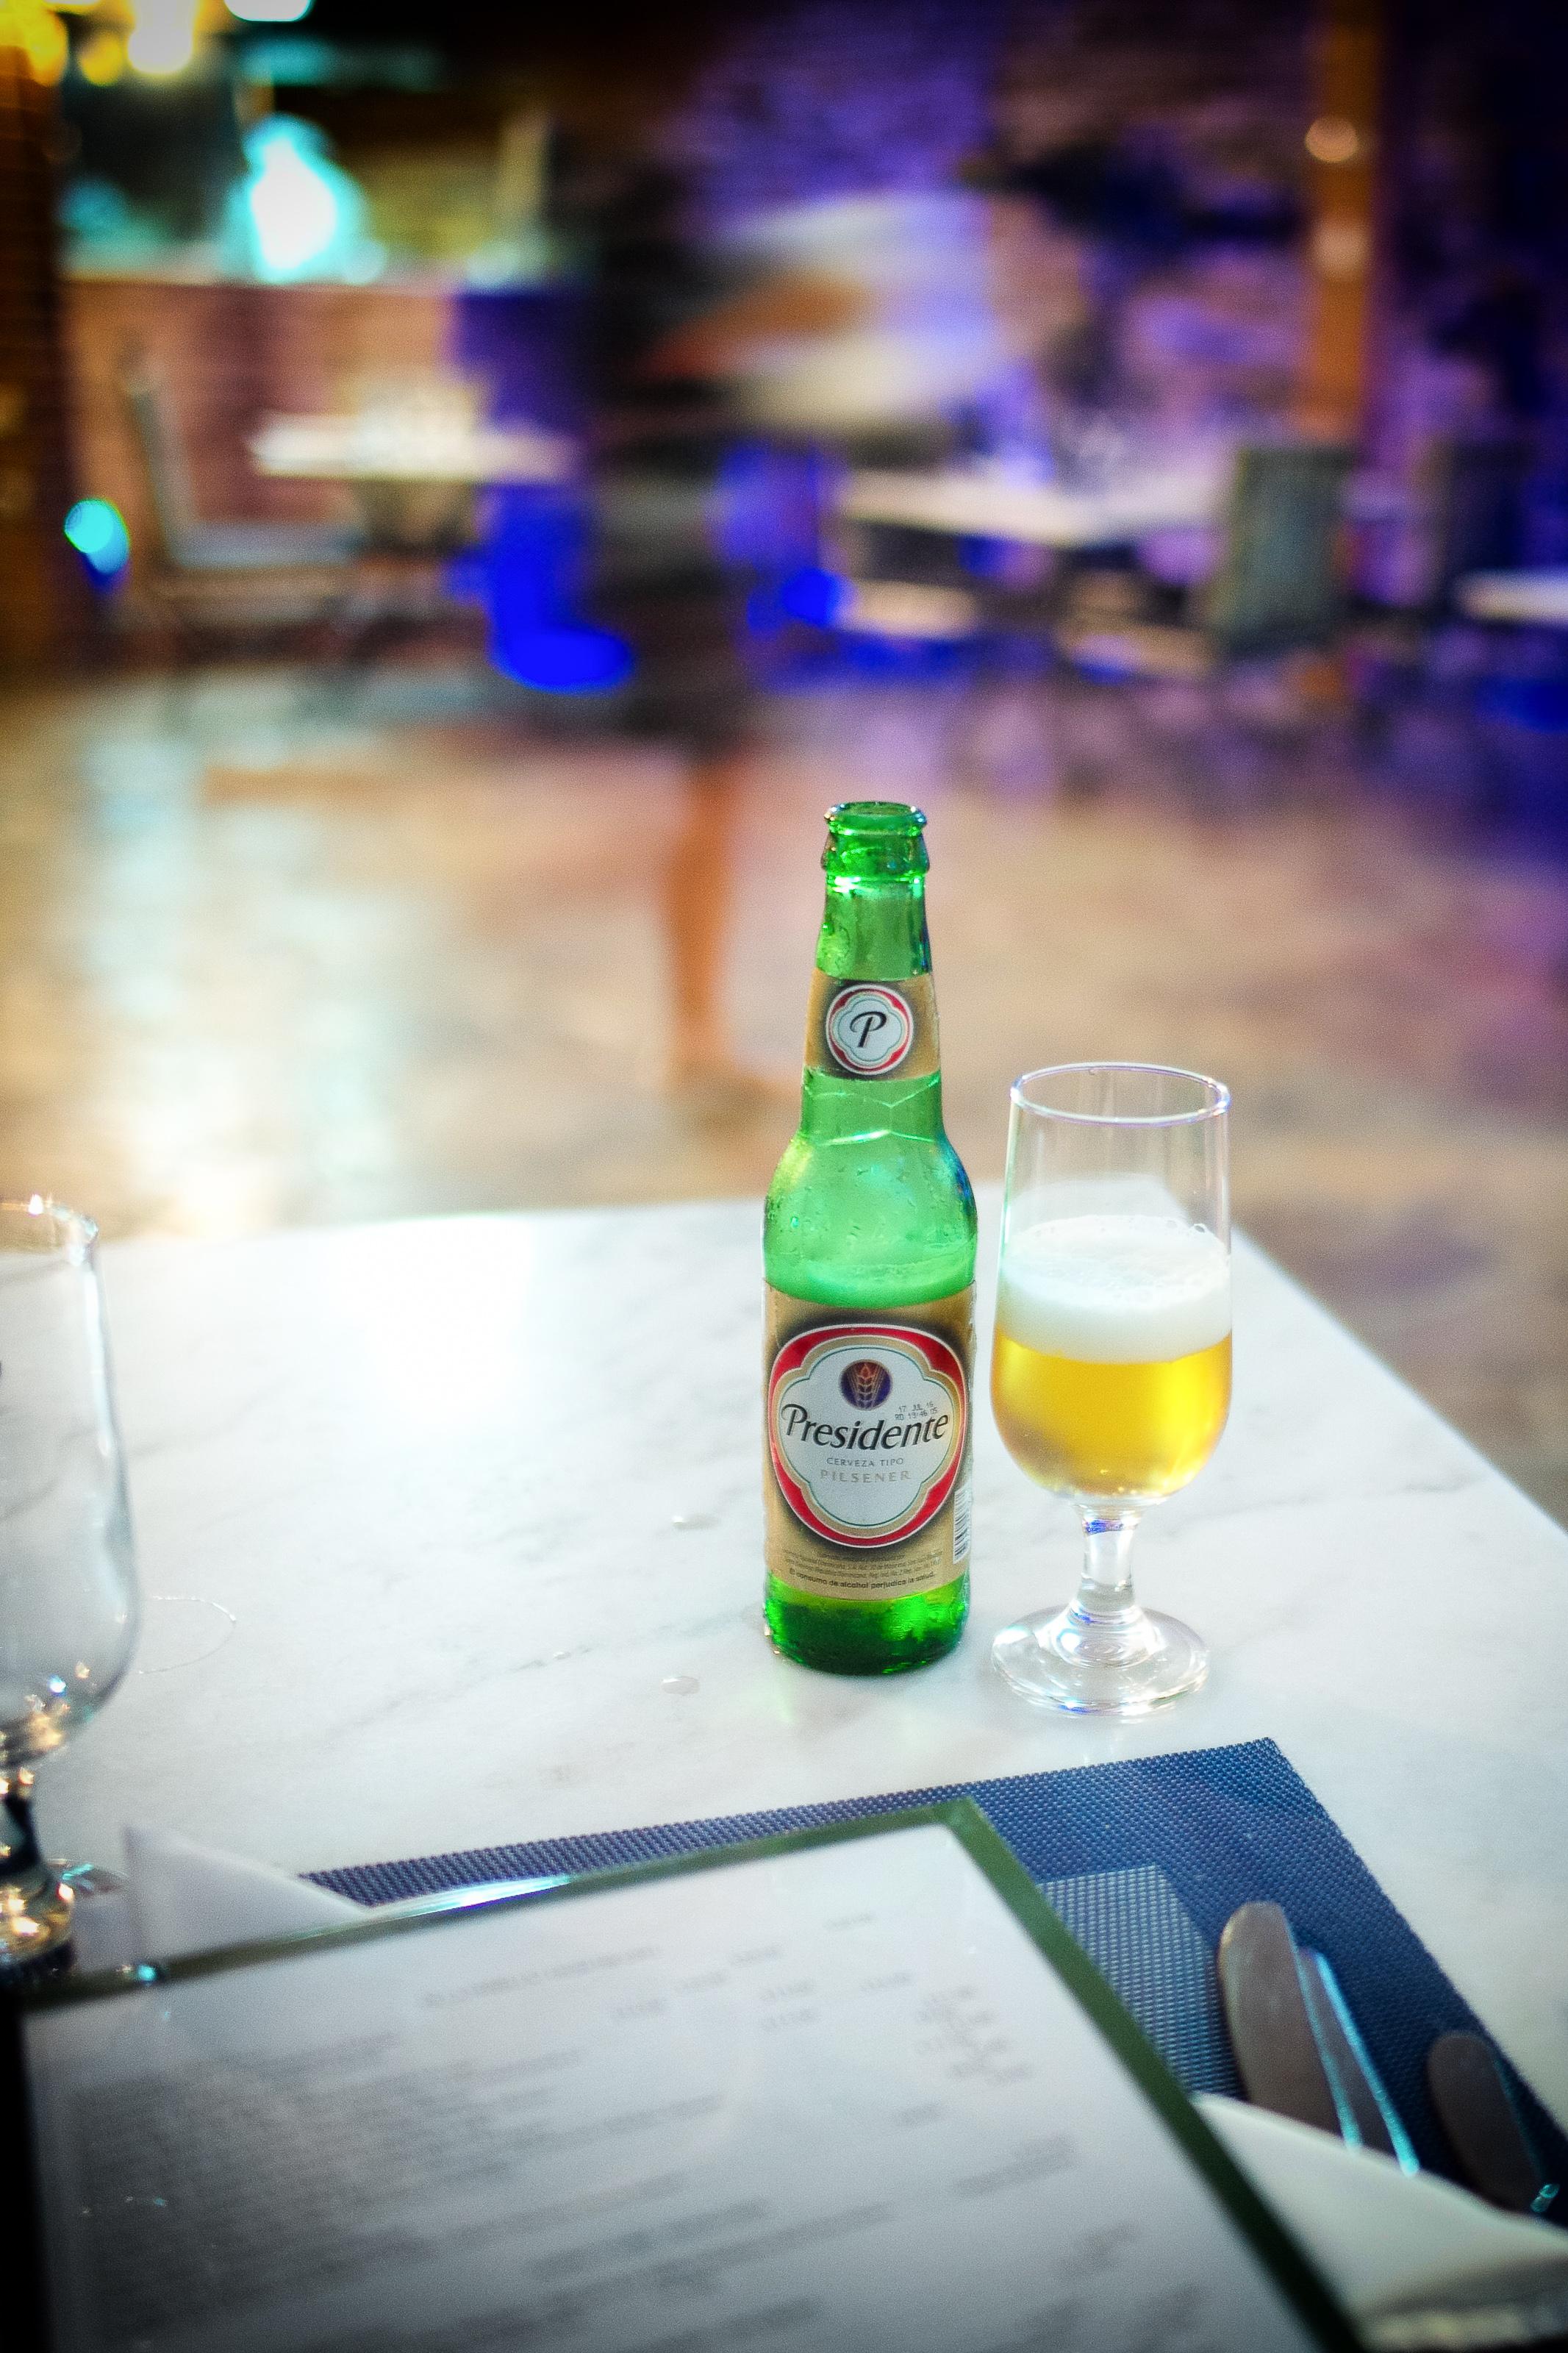 Cerveza Presidente (from the Dominican Republic)